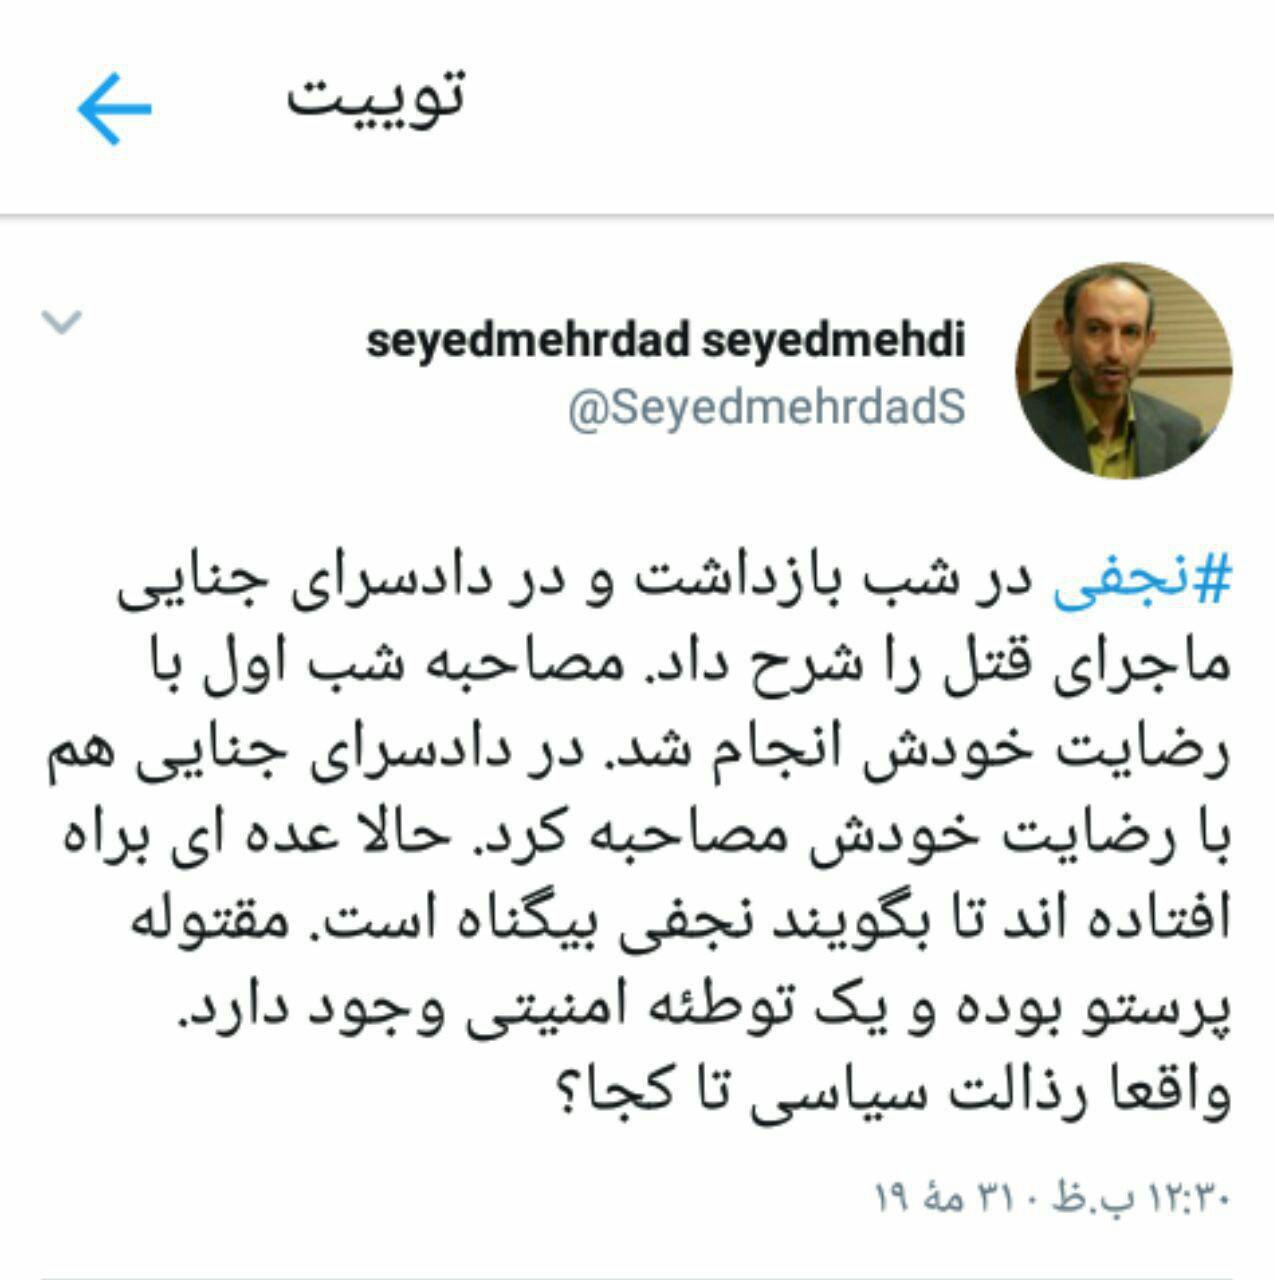 سید مهرداد سید مهدی